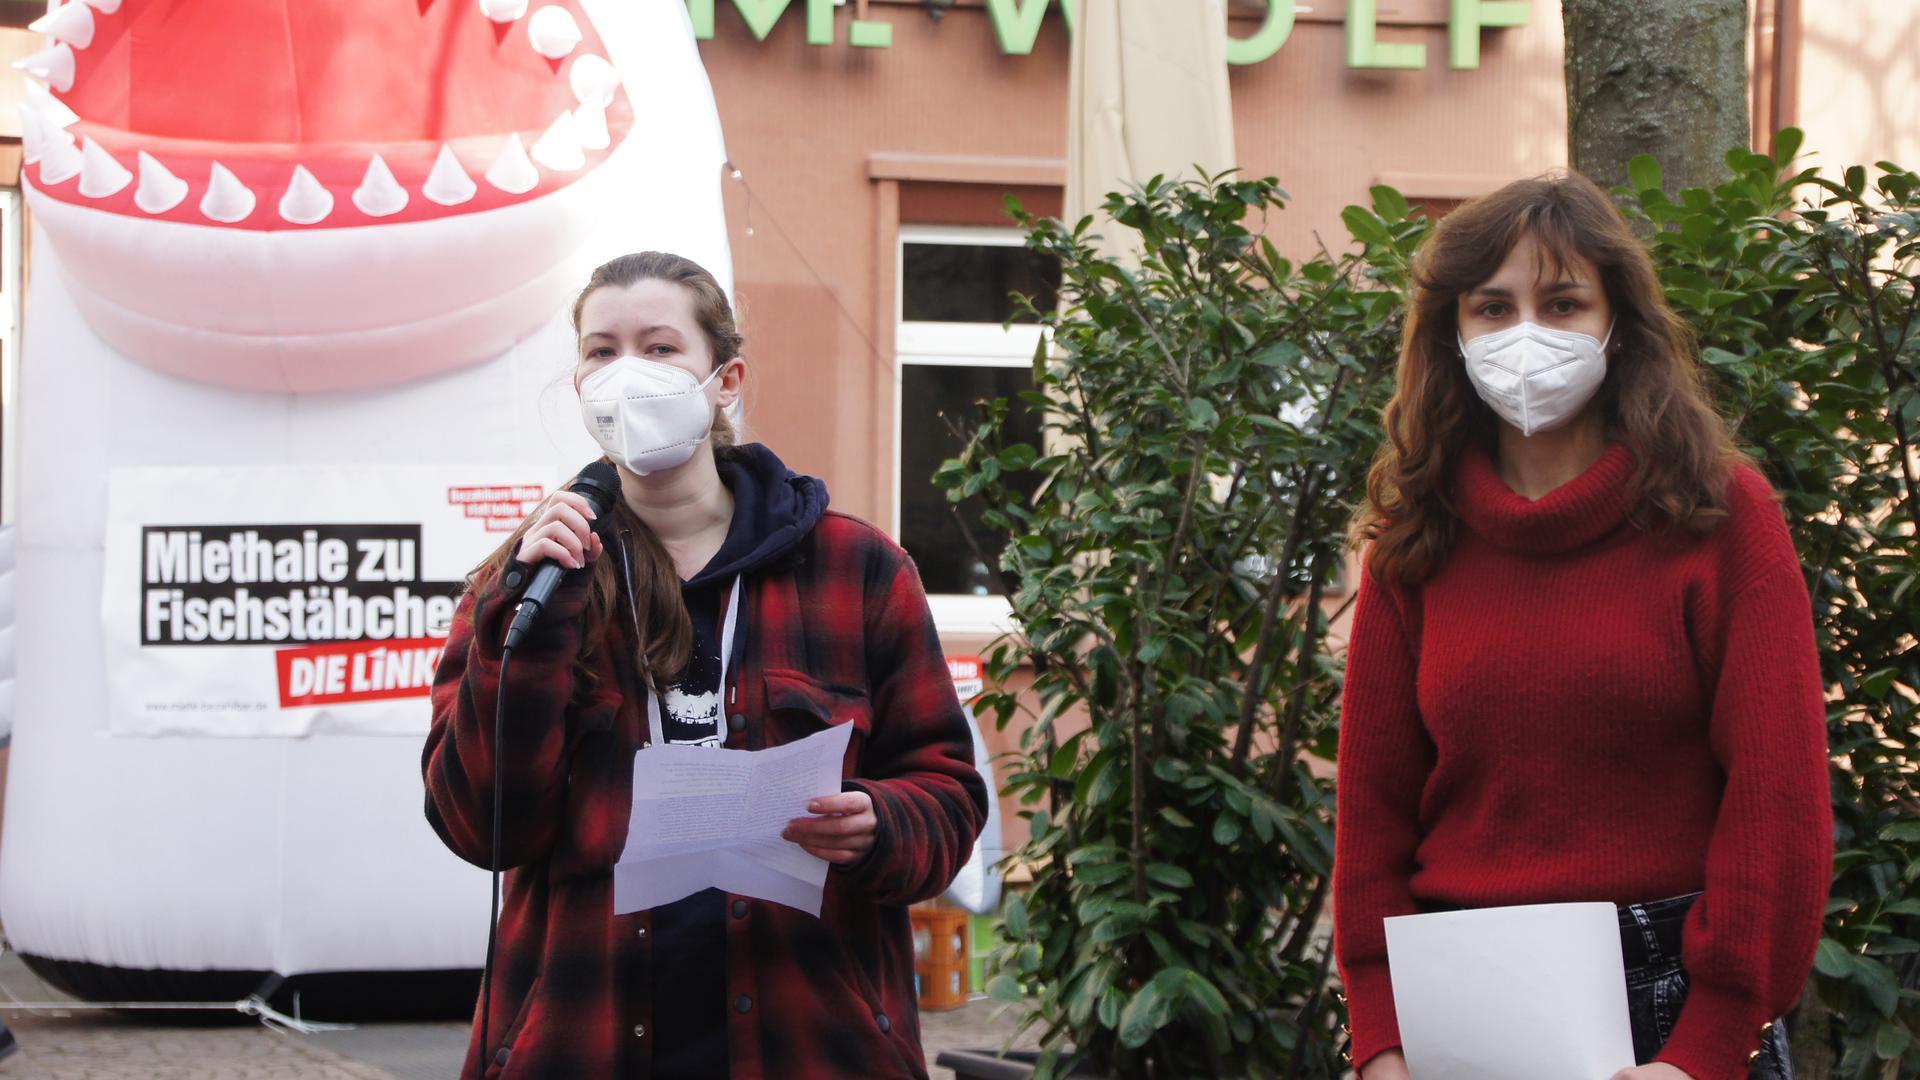 Zwei Frauen, Anna Jahn und Christina Zacharias, mit Maske halten eine Rede.